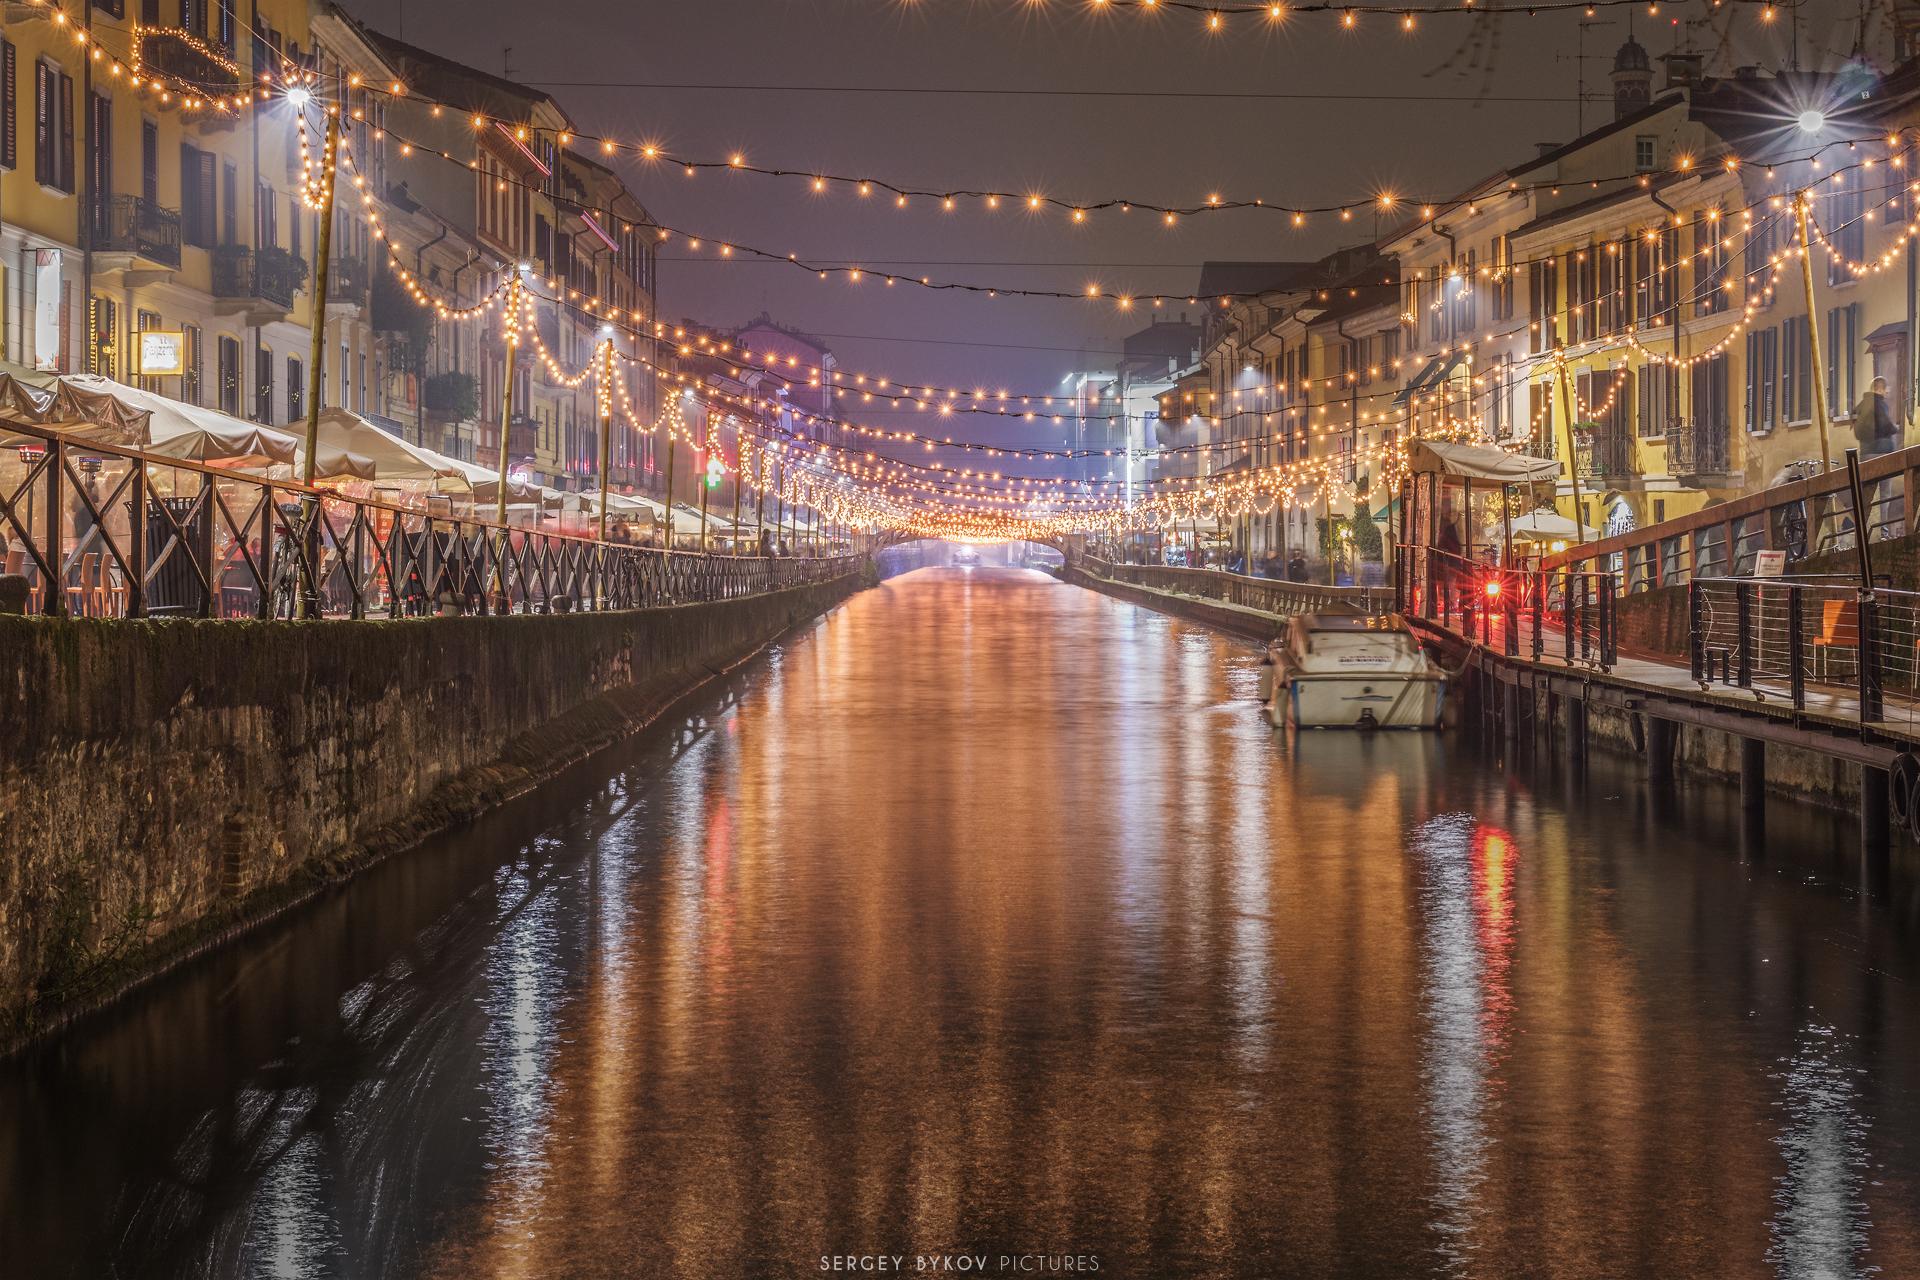 quando Milano era bella. tempo prima della pandemia...